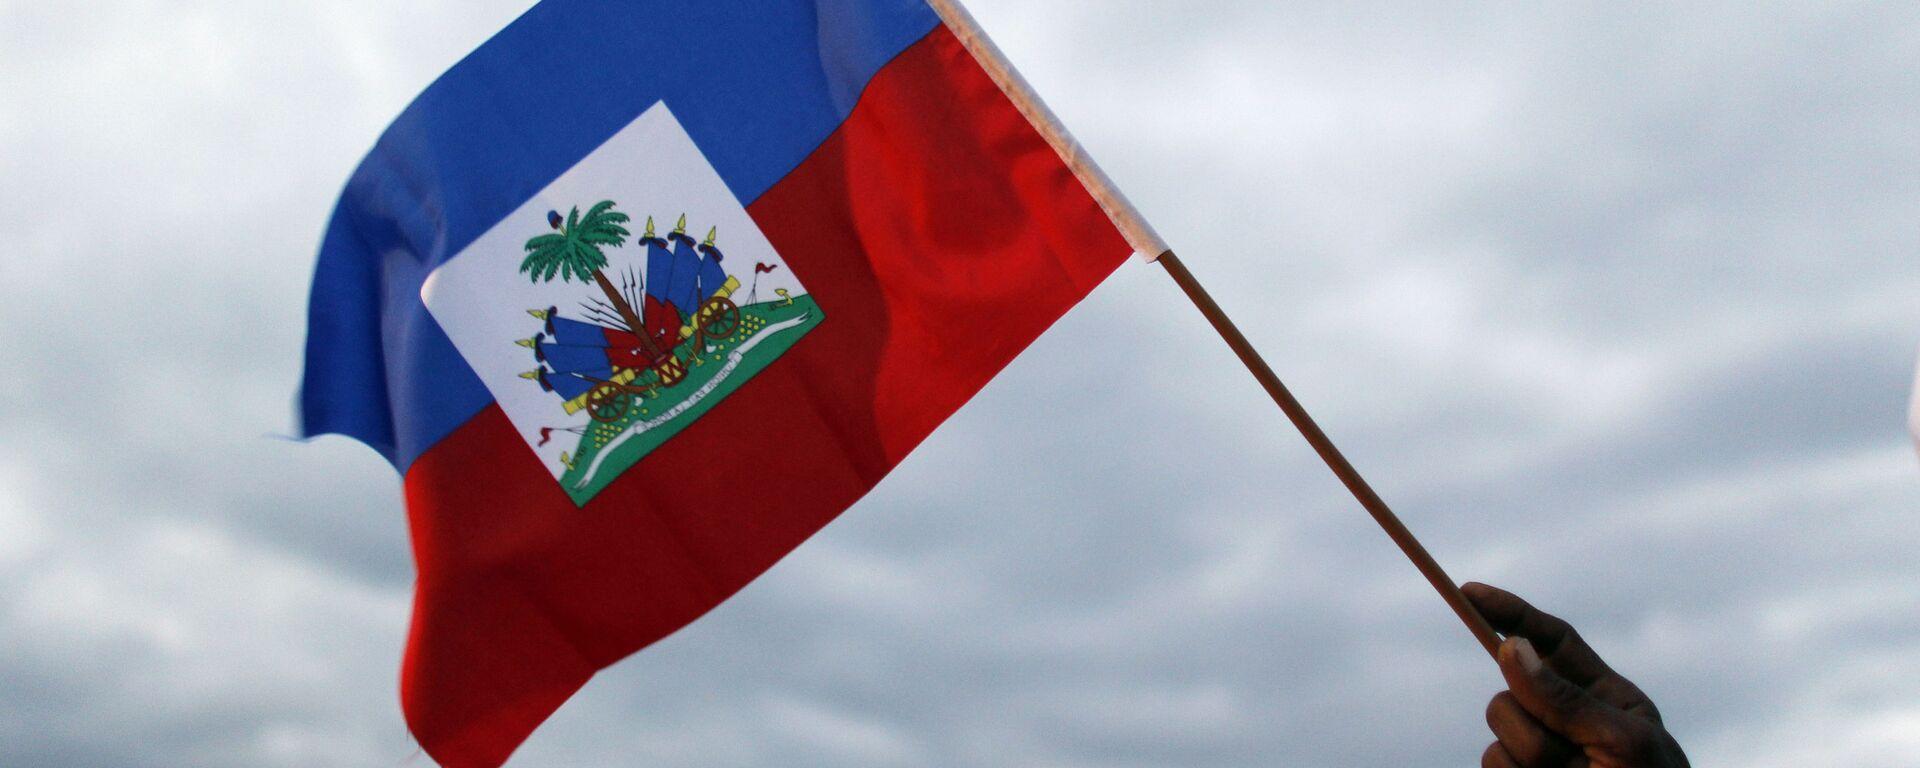 La bandiera di Haiti - Sputnik Italia, 1920, 10.07.2021